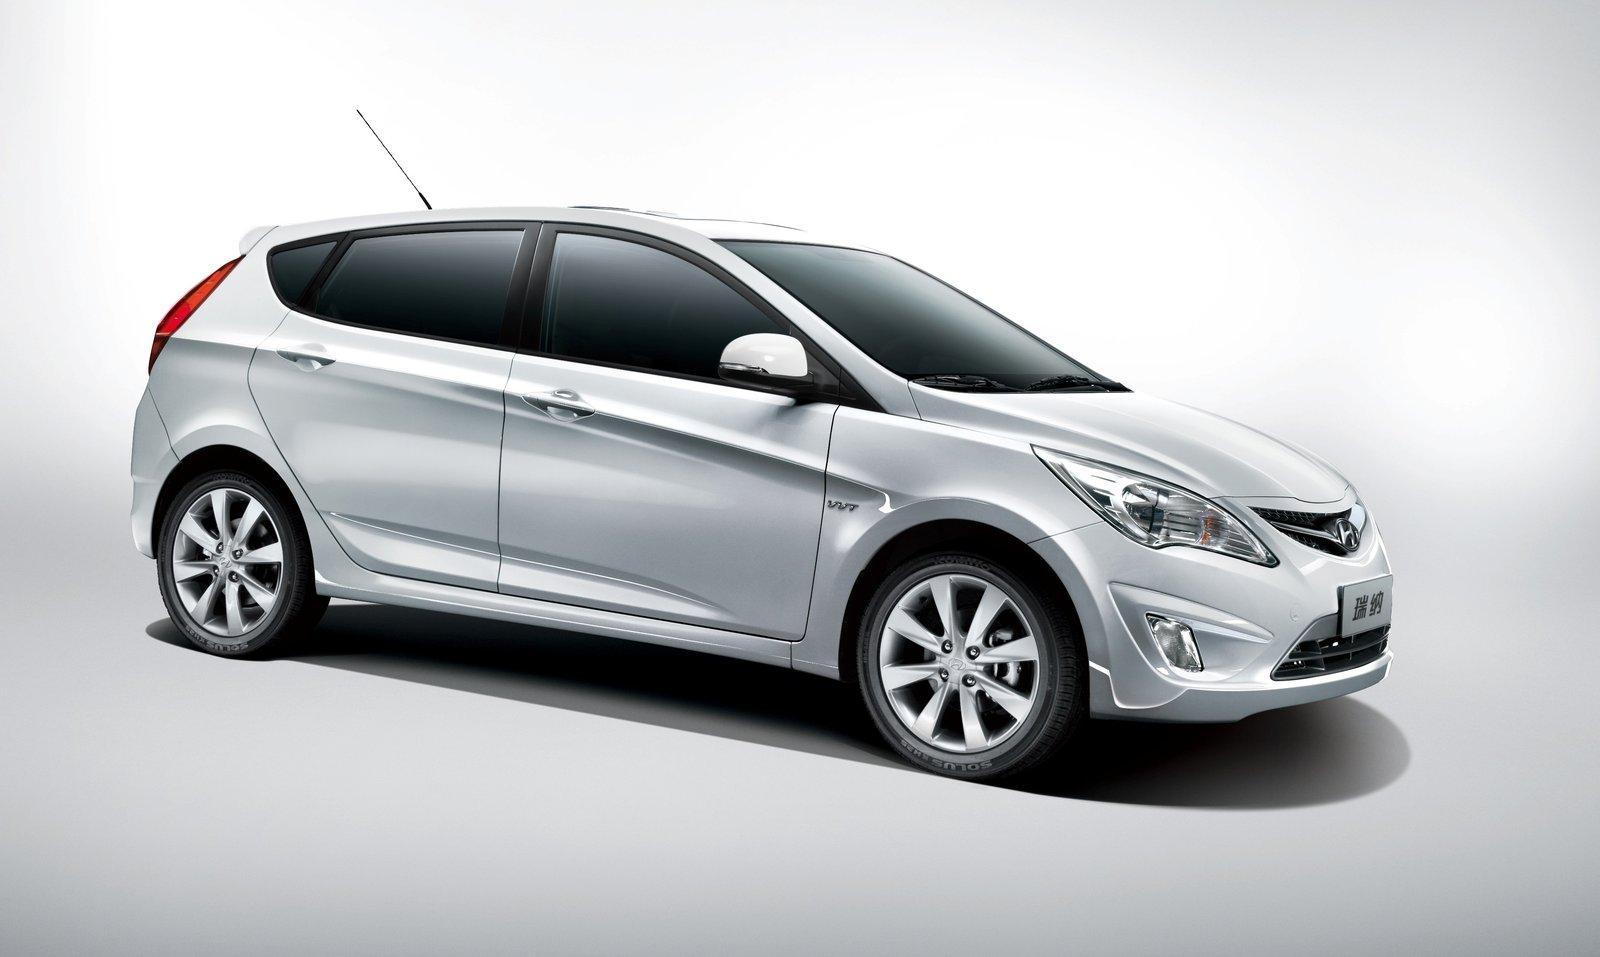 Hyundai-Verna-5-door-hatchback